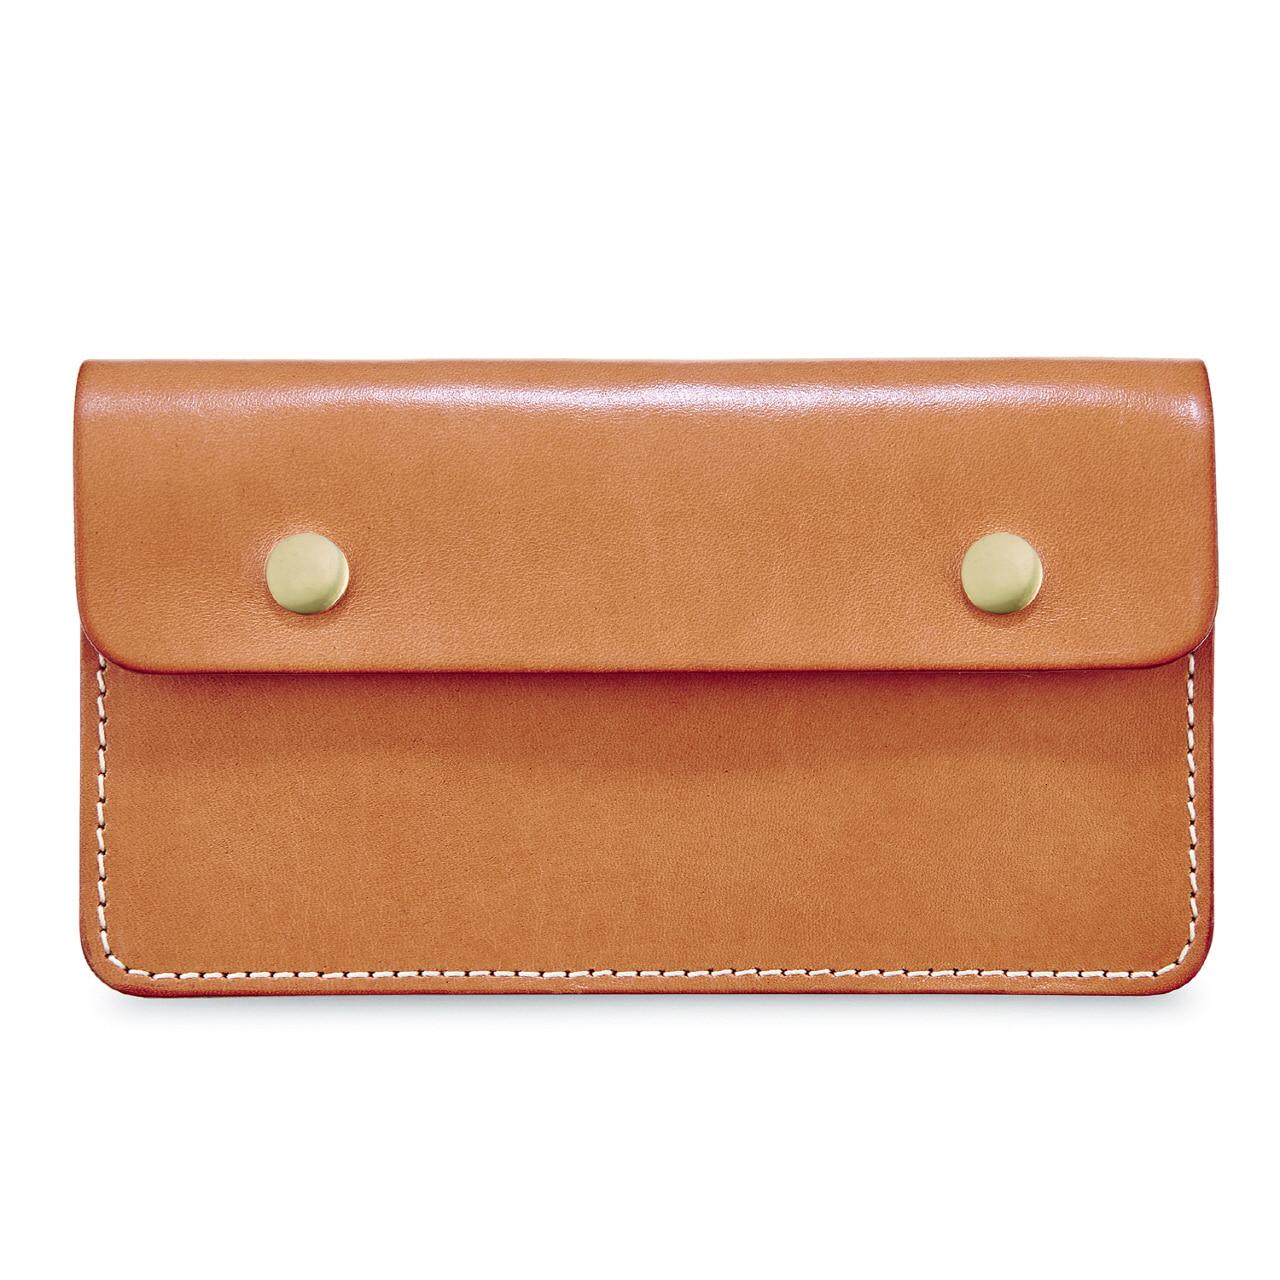 트러커 지갑 95023 - 내추럴 베지터블 탄